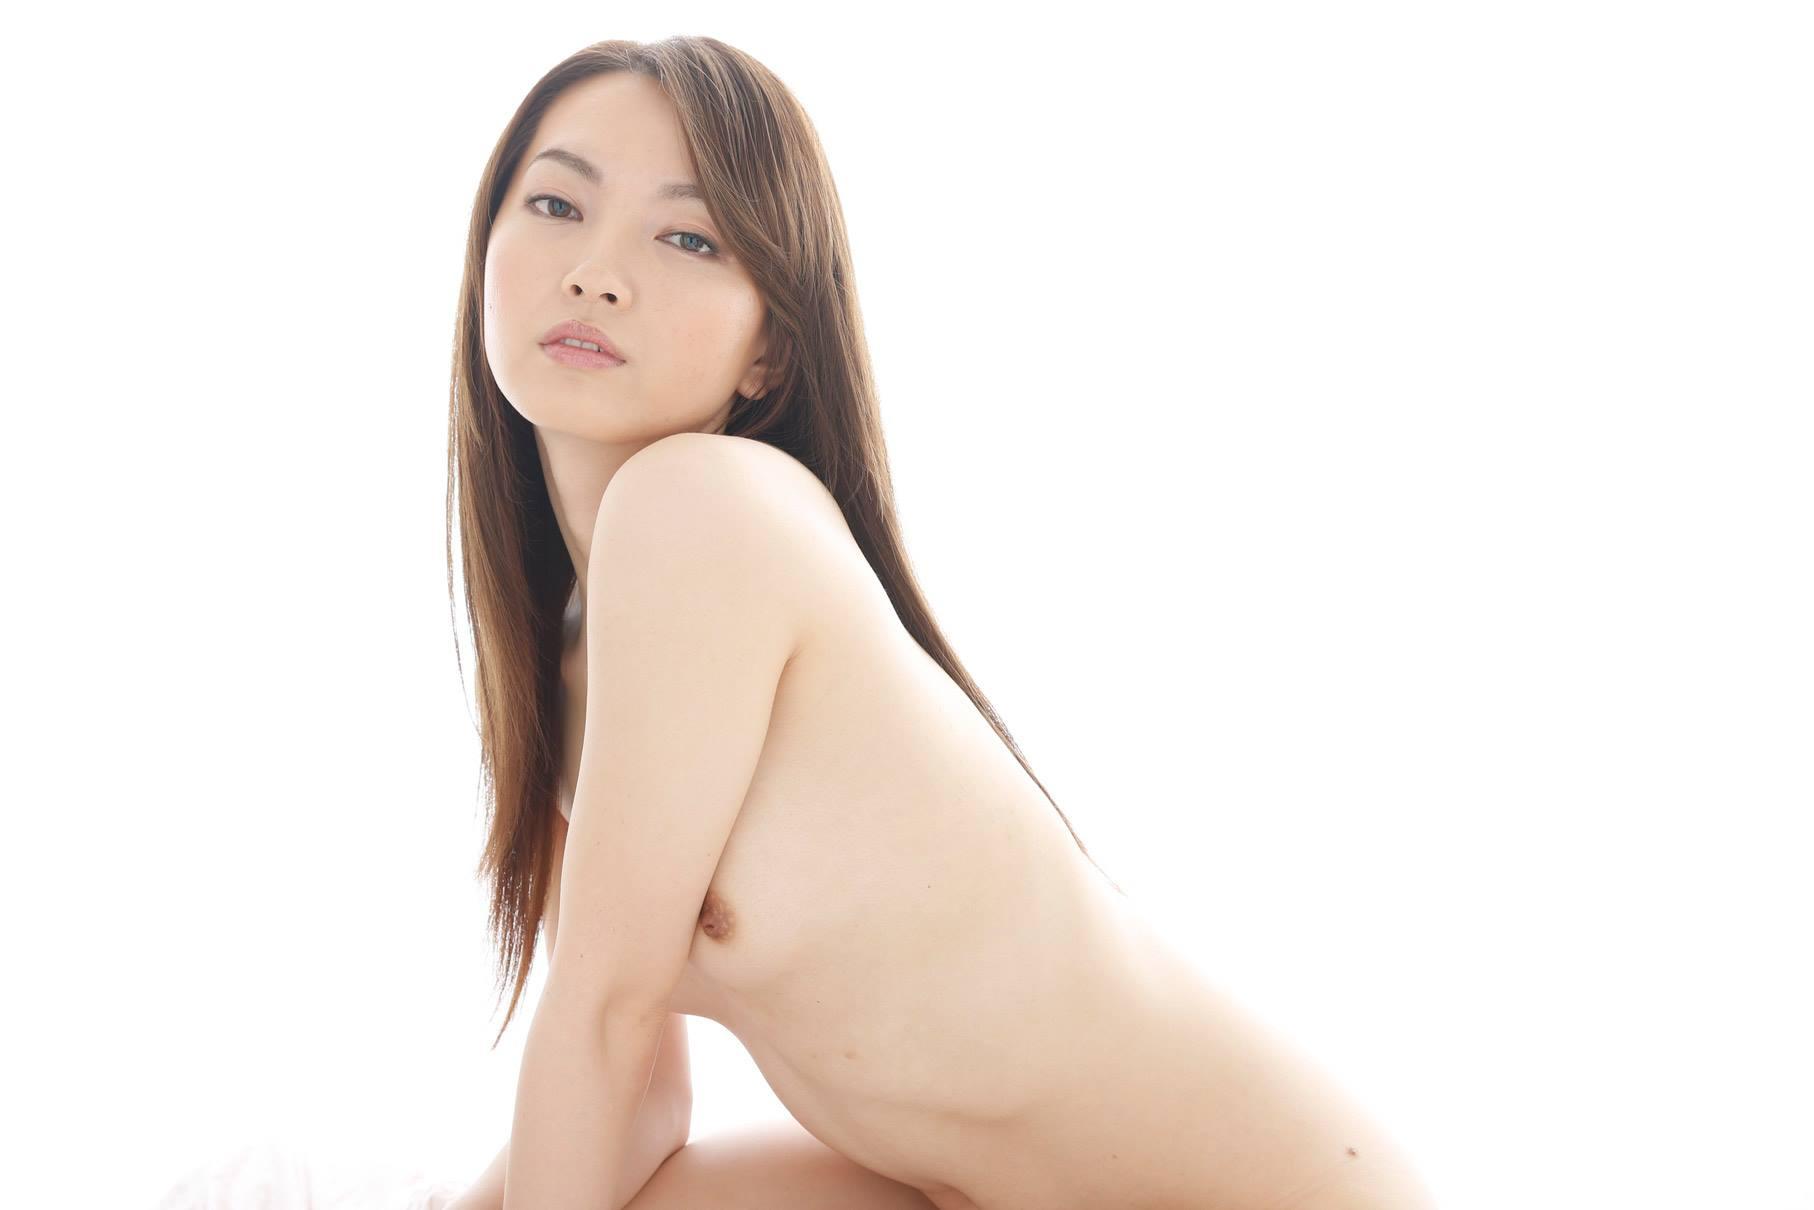 葉山瞳(中川美鈴) 初裏デビュー画像 65